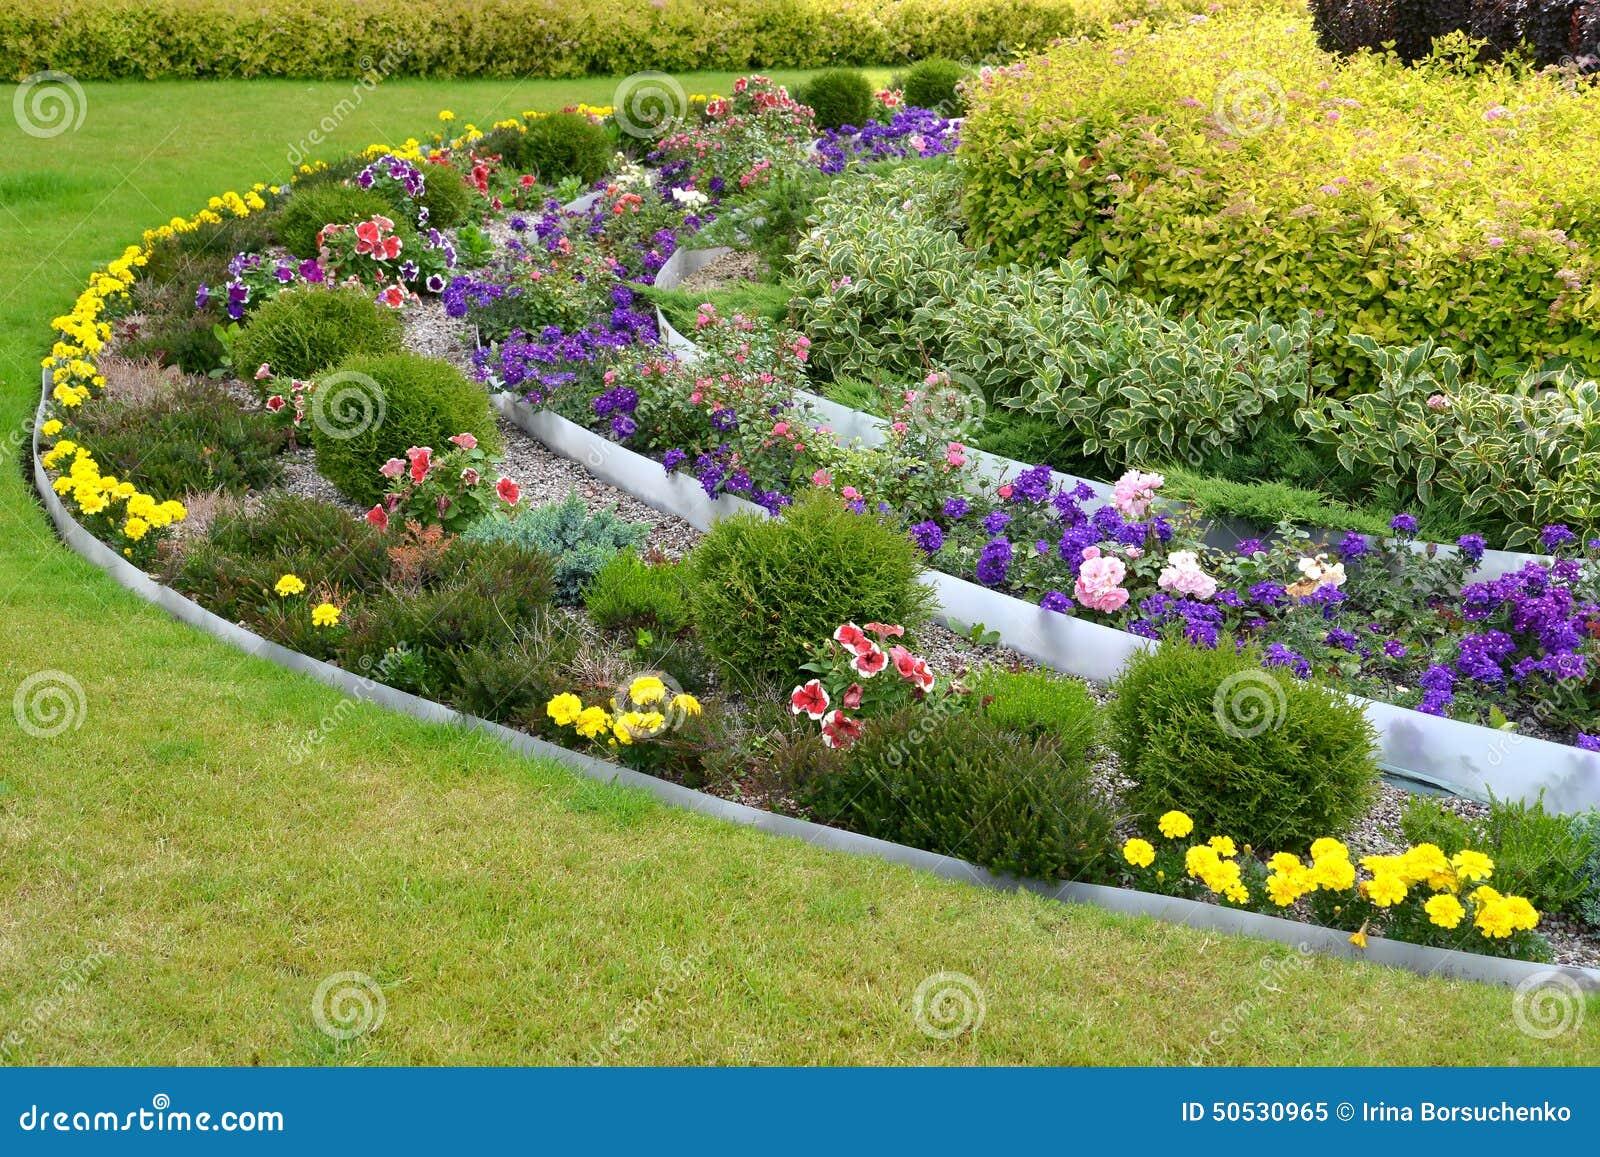 Landschaftsgestaltung  Landschaftsgestaltung Mit Blumen Und Büschen Stockfoto - Bild ...